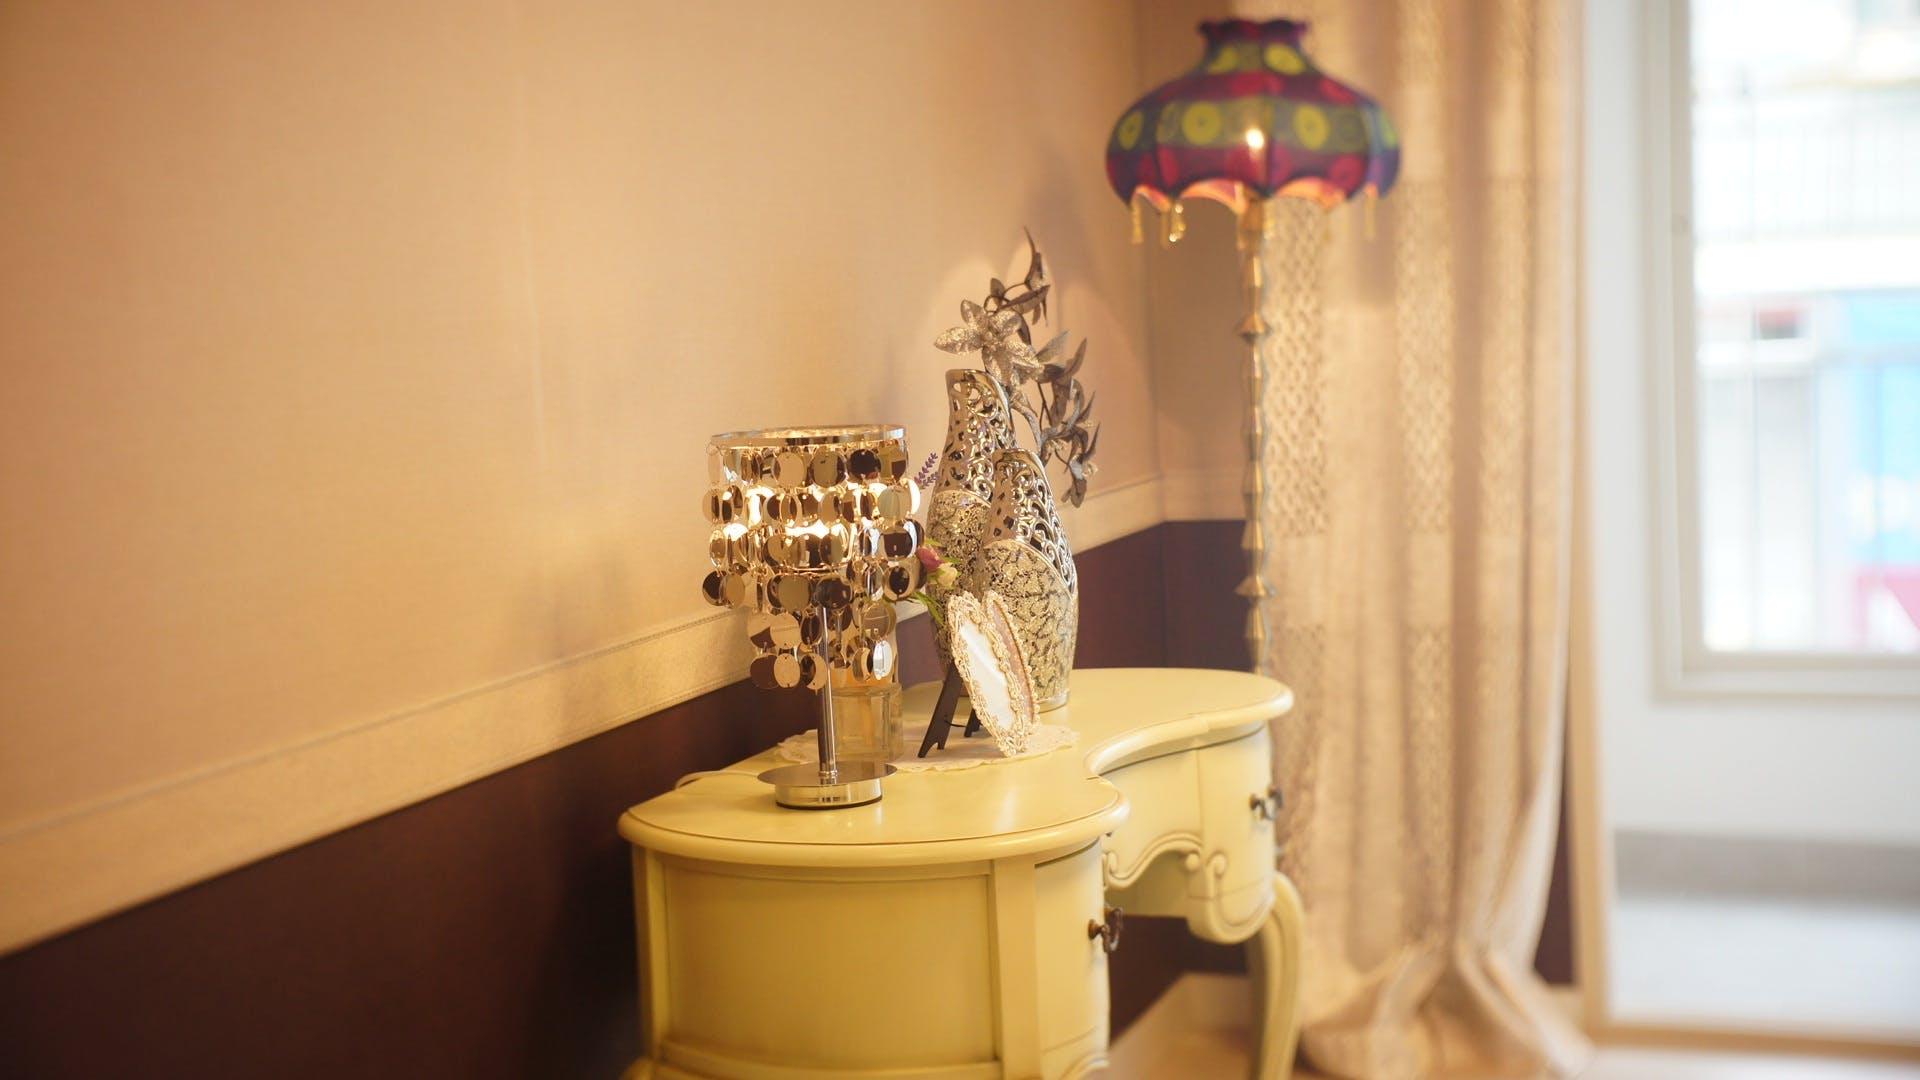 ぼかし, アパート, インテリア, インテリア・デザインの無料の写真素材